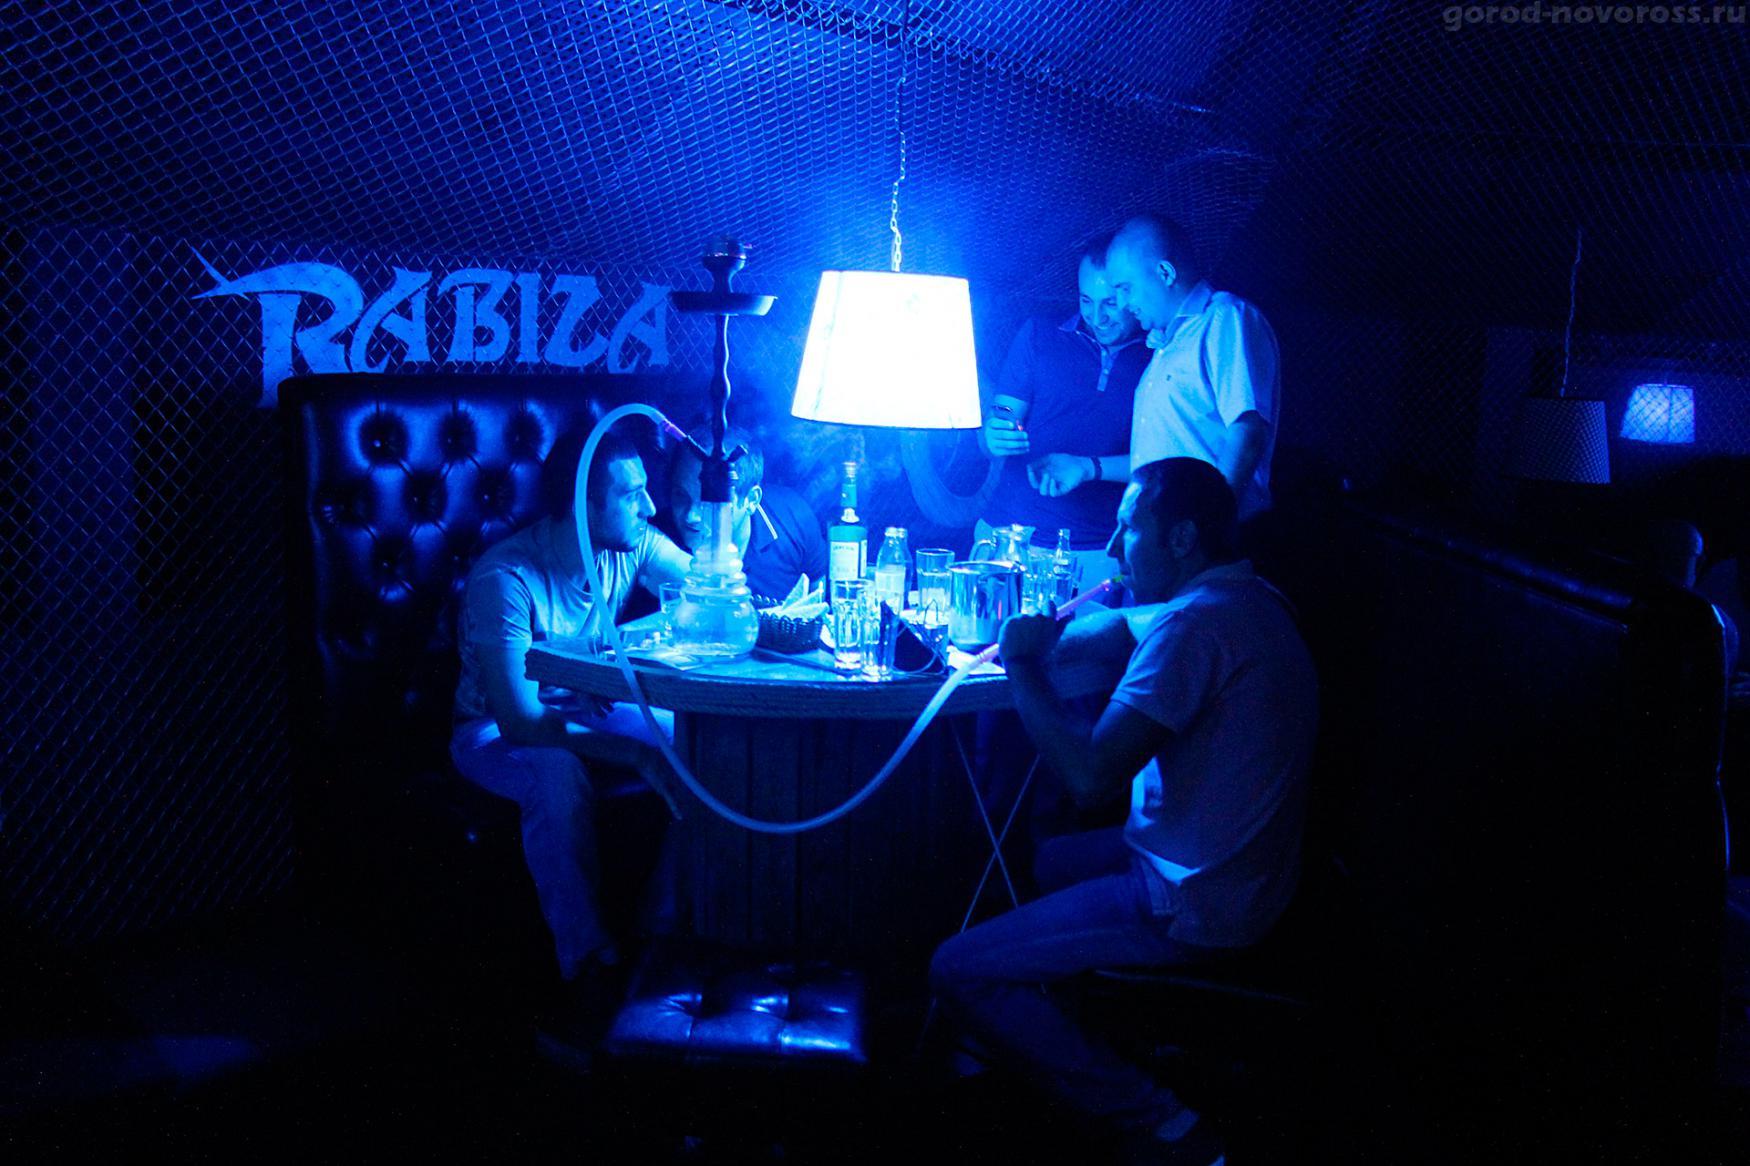 менее остается фотоотчеты из кафе и клубов новороссийска каждого